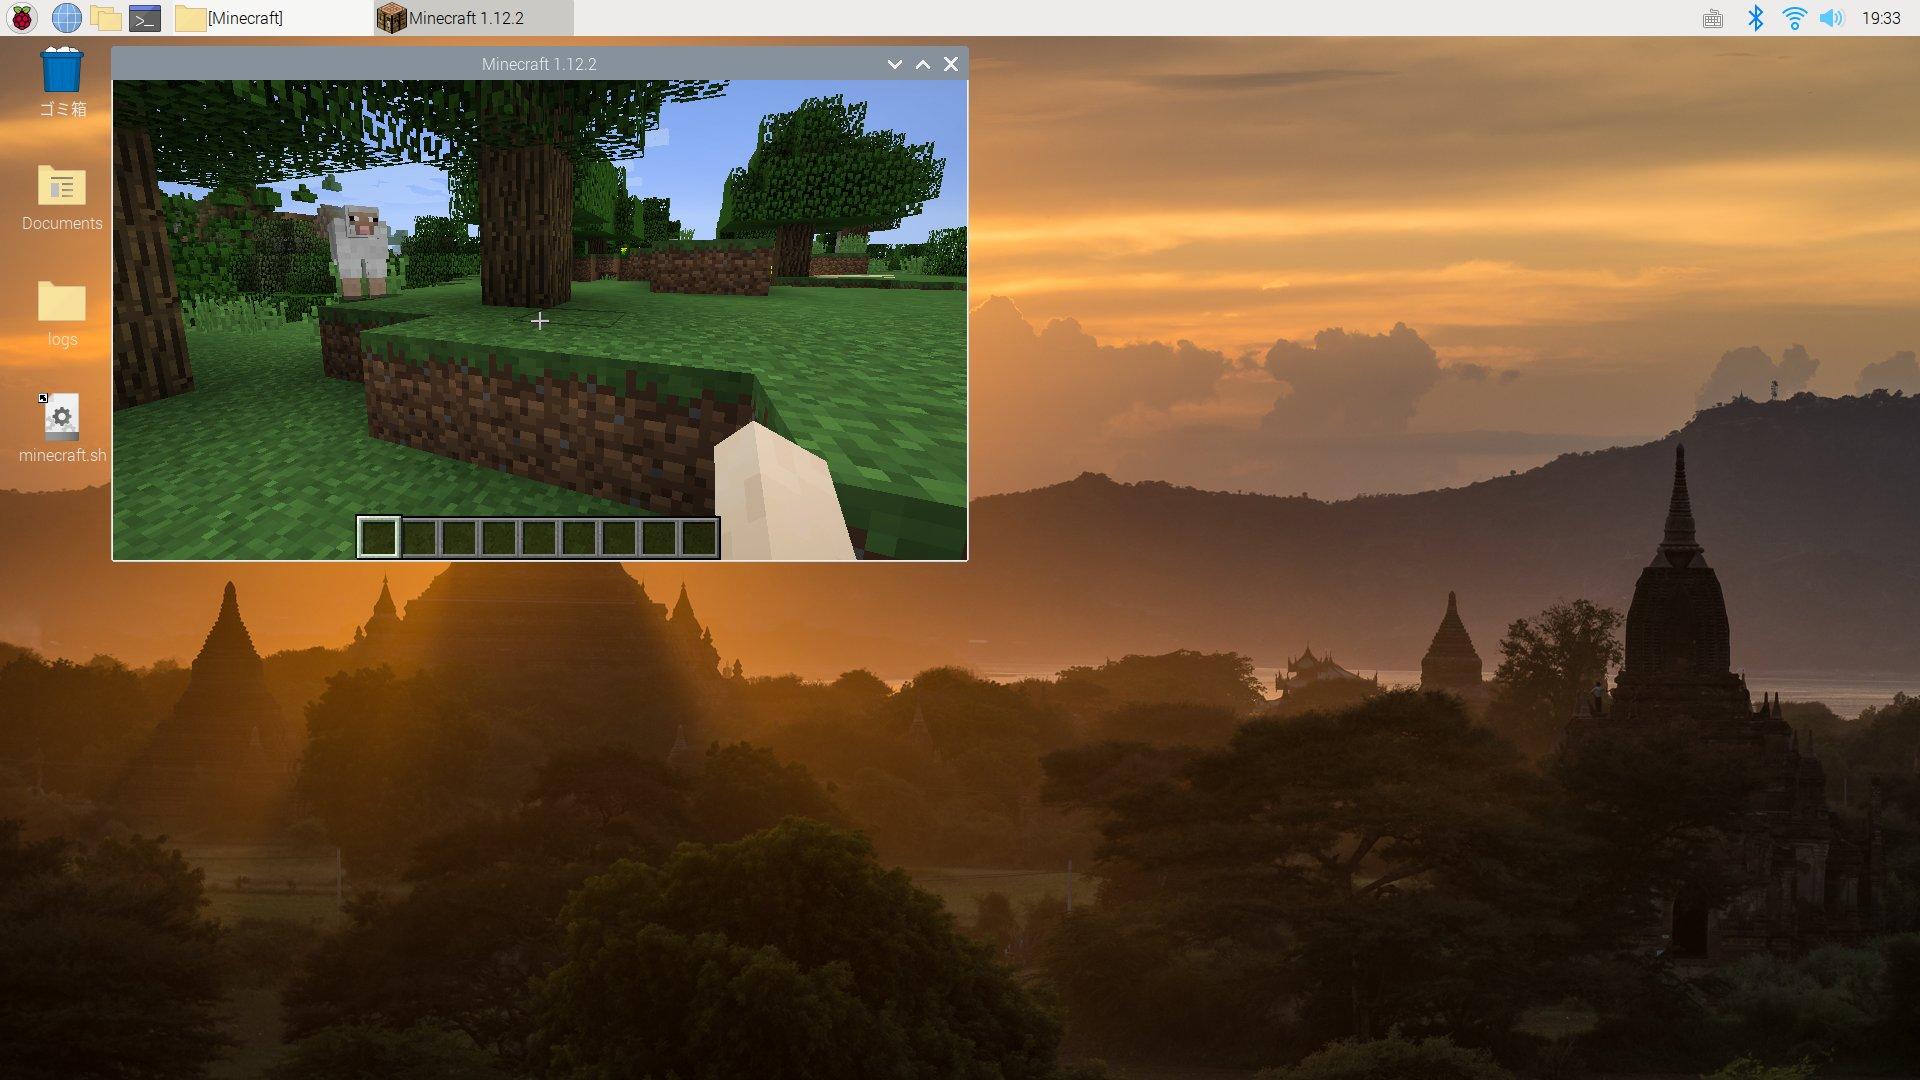 画面を小さくしてもなかなか処理が重くてきびしい。  Raspberry Pi 3 Model B Raspbian GNU/Linux 10 Buster OpenJDK 8 Minecraft JAVA EDITION 1.12.2 https://t.co/ou2QNw7tsu